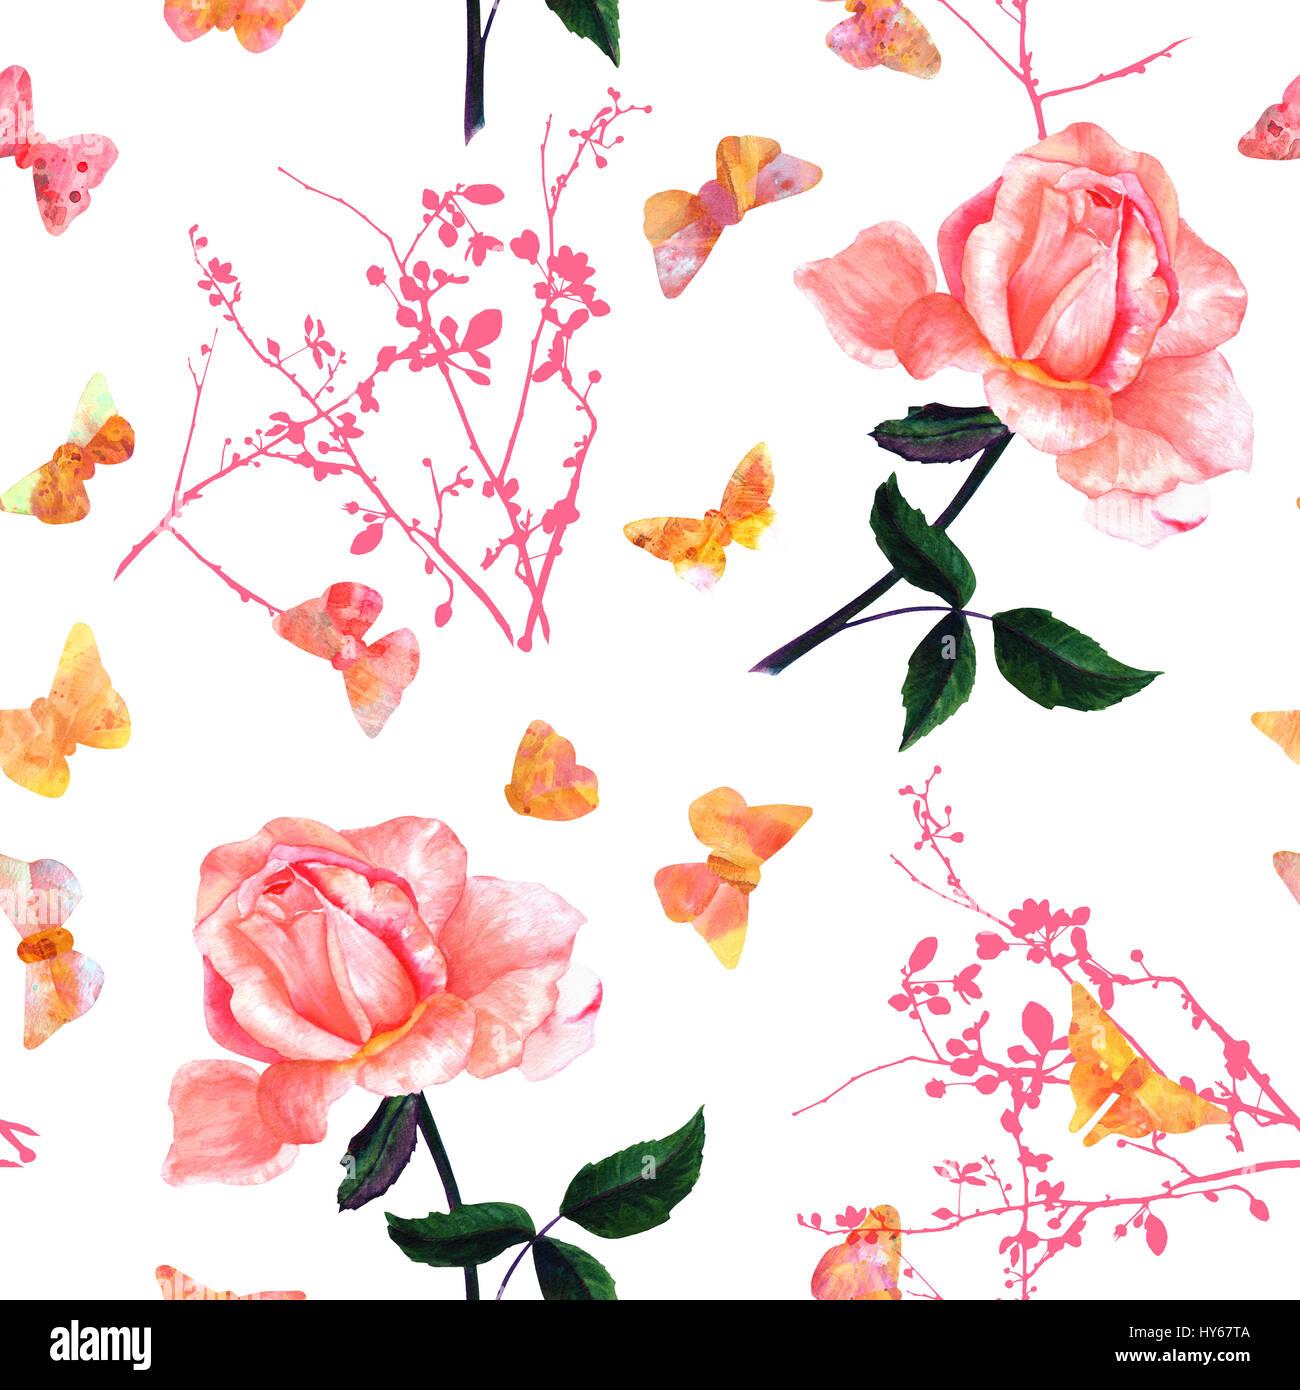 Un Modele Sans Couture Avec Une Aquarelle Dessin D Une Rose Rose En Fleurs Et Papillons Aux Couleurs Peintes A La Main Sur Fond Blanc Dans Le Style De Vintage B Photo Stock